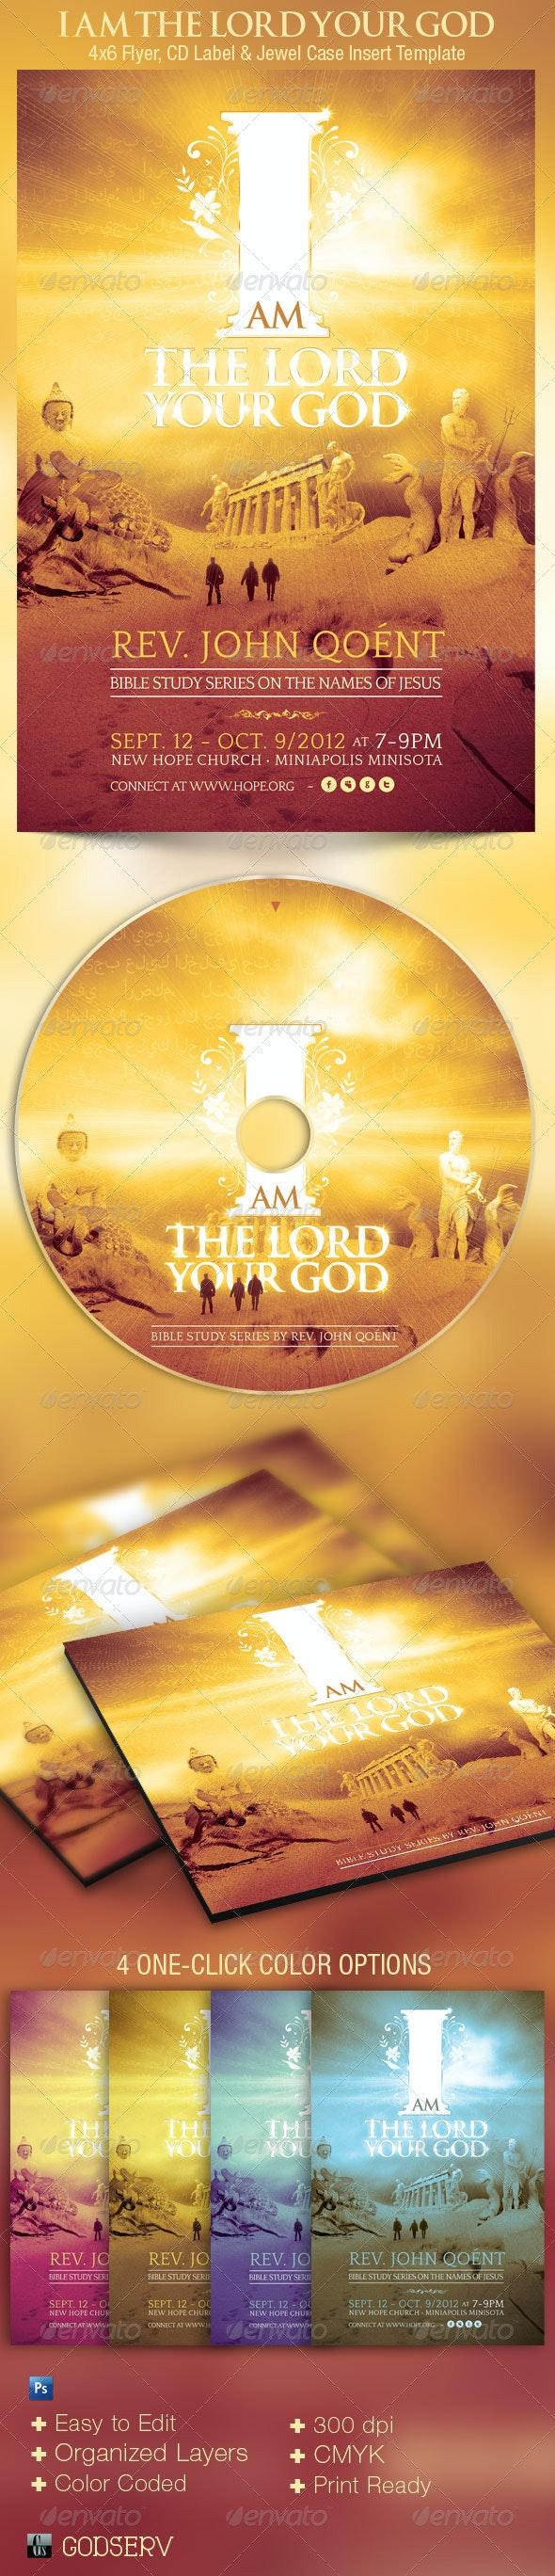 God Church Flyer CD Template - Church Flyers